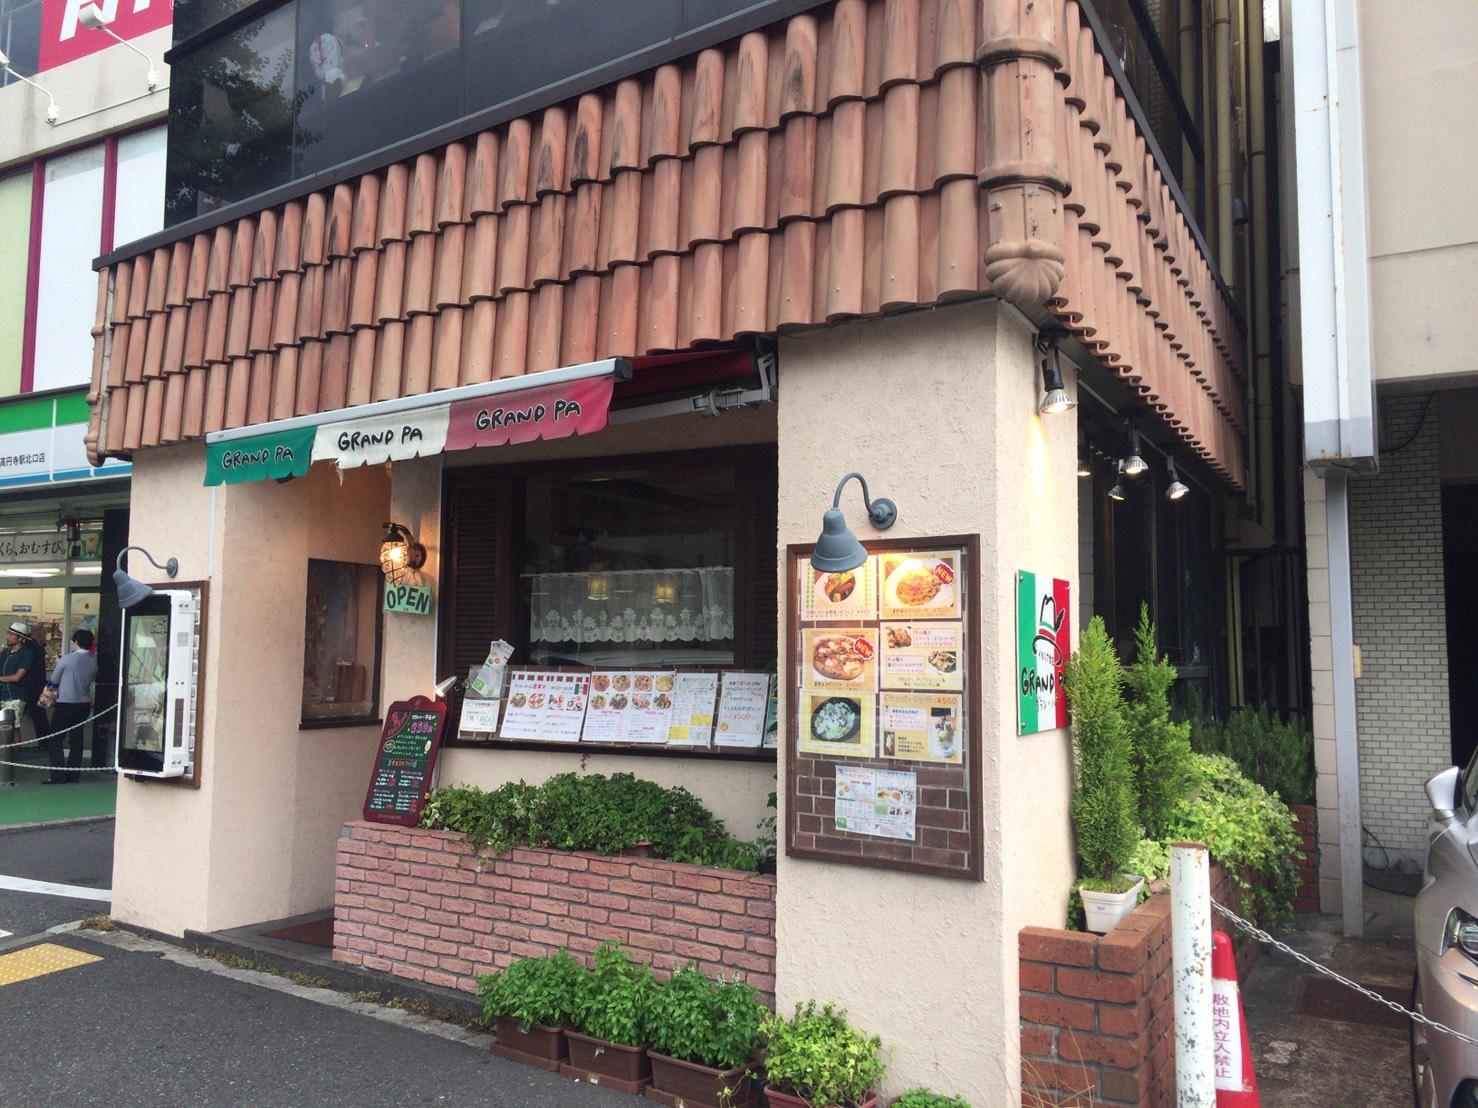 丸の内線「東高円寺駅」前 イタリア料理店「GRAND PA(グラン・パ)」